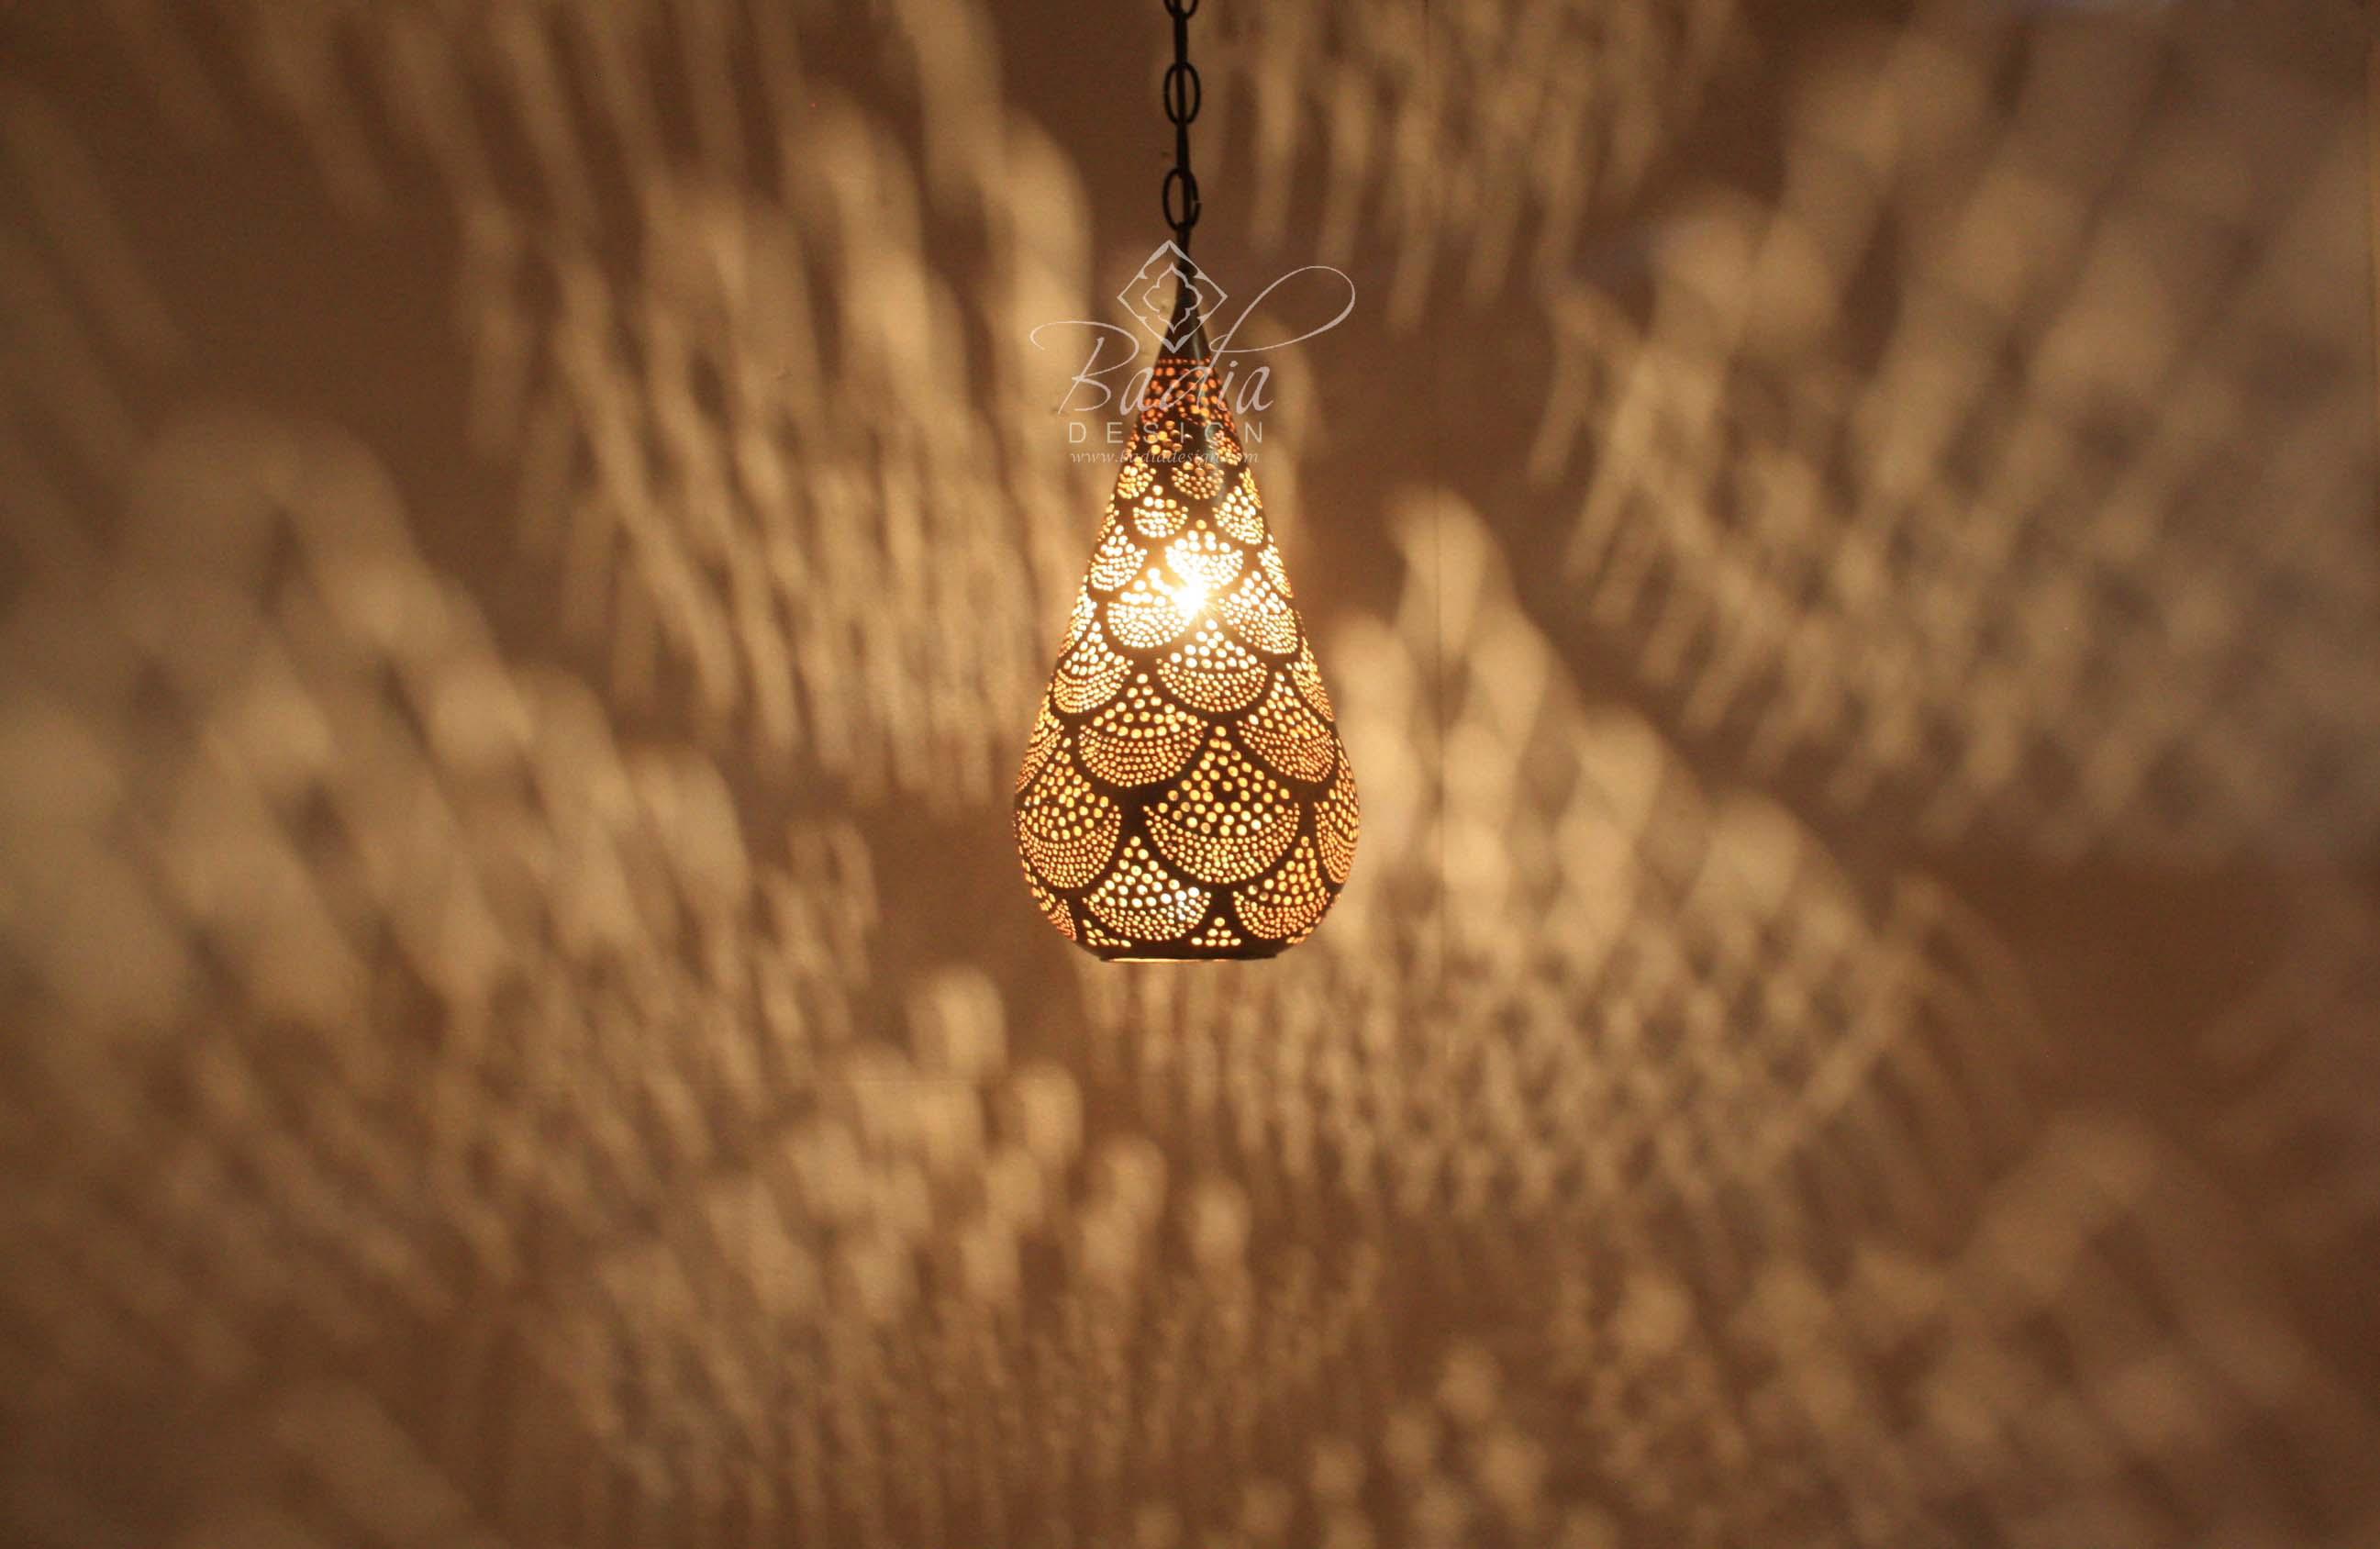 moroccan-brass-teardrop-shaped-lantern-lig369-2b.jpg